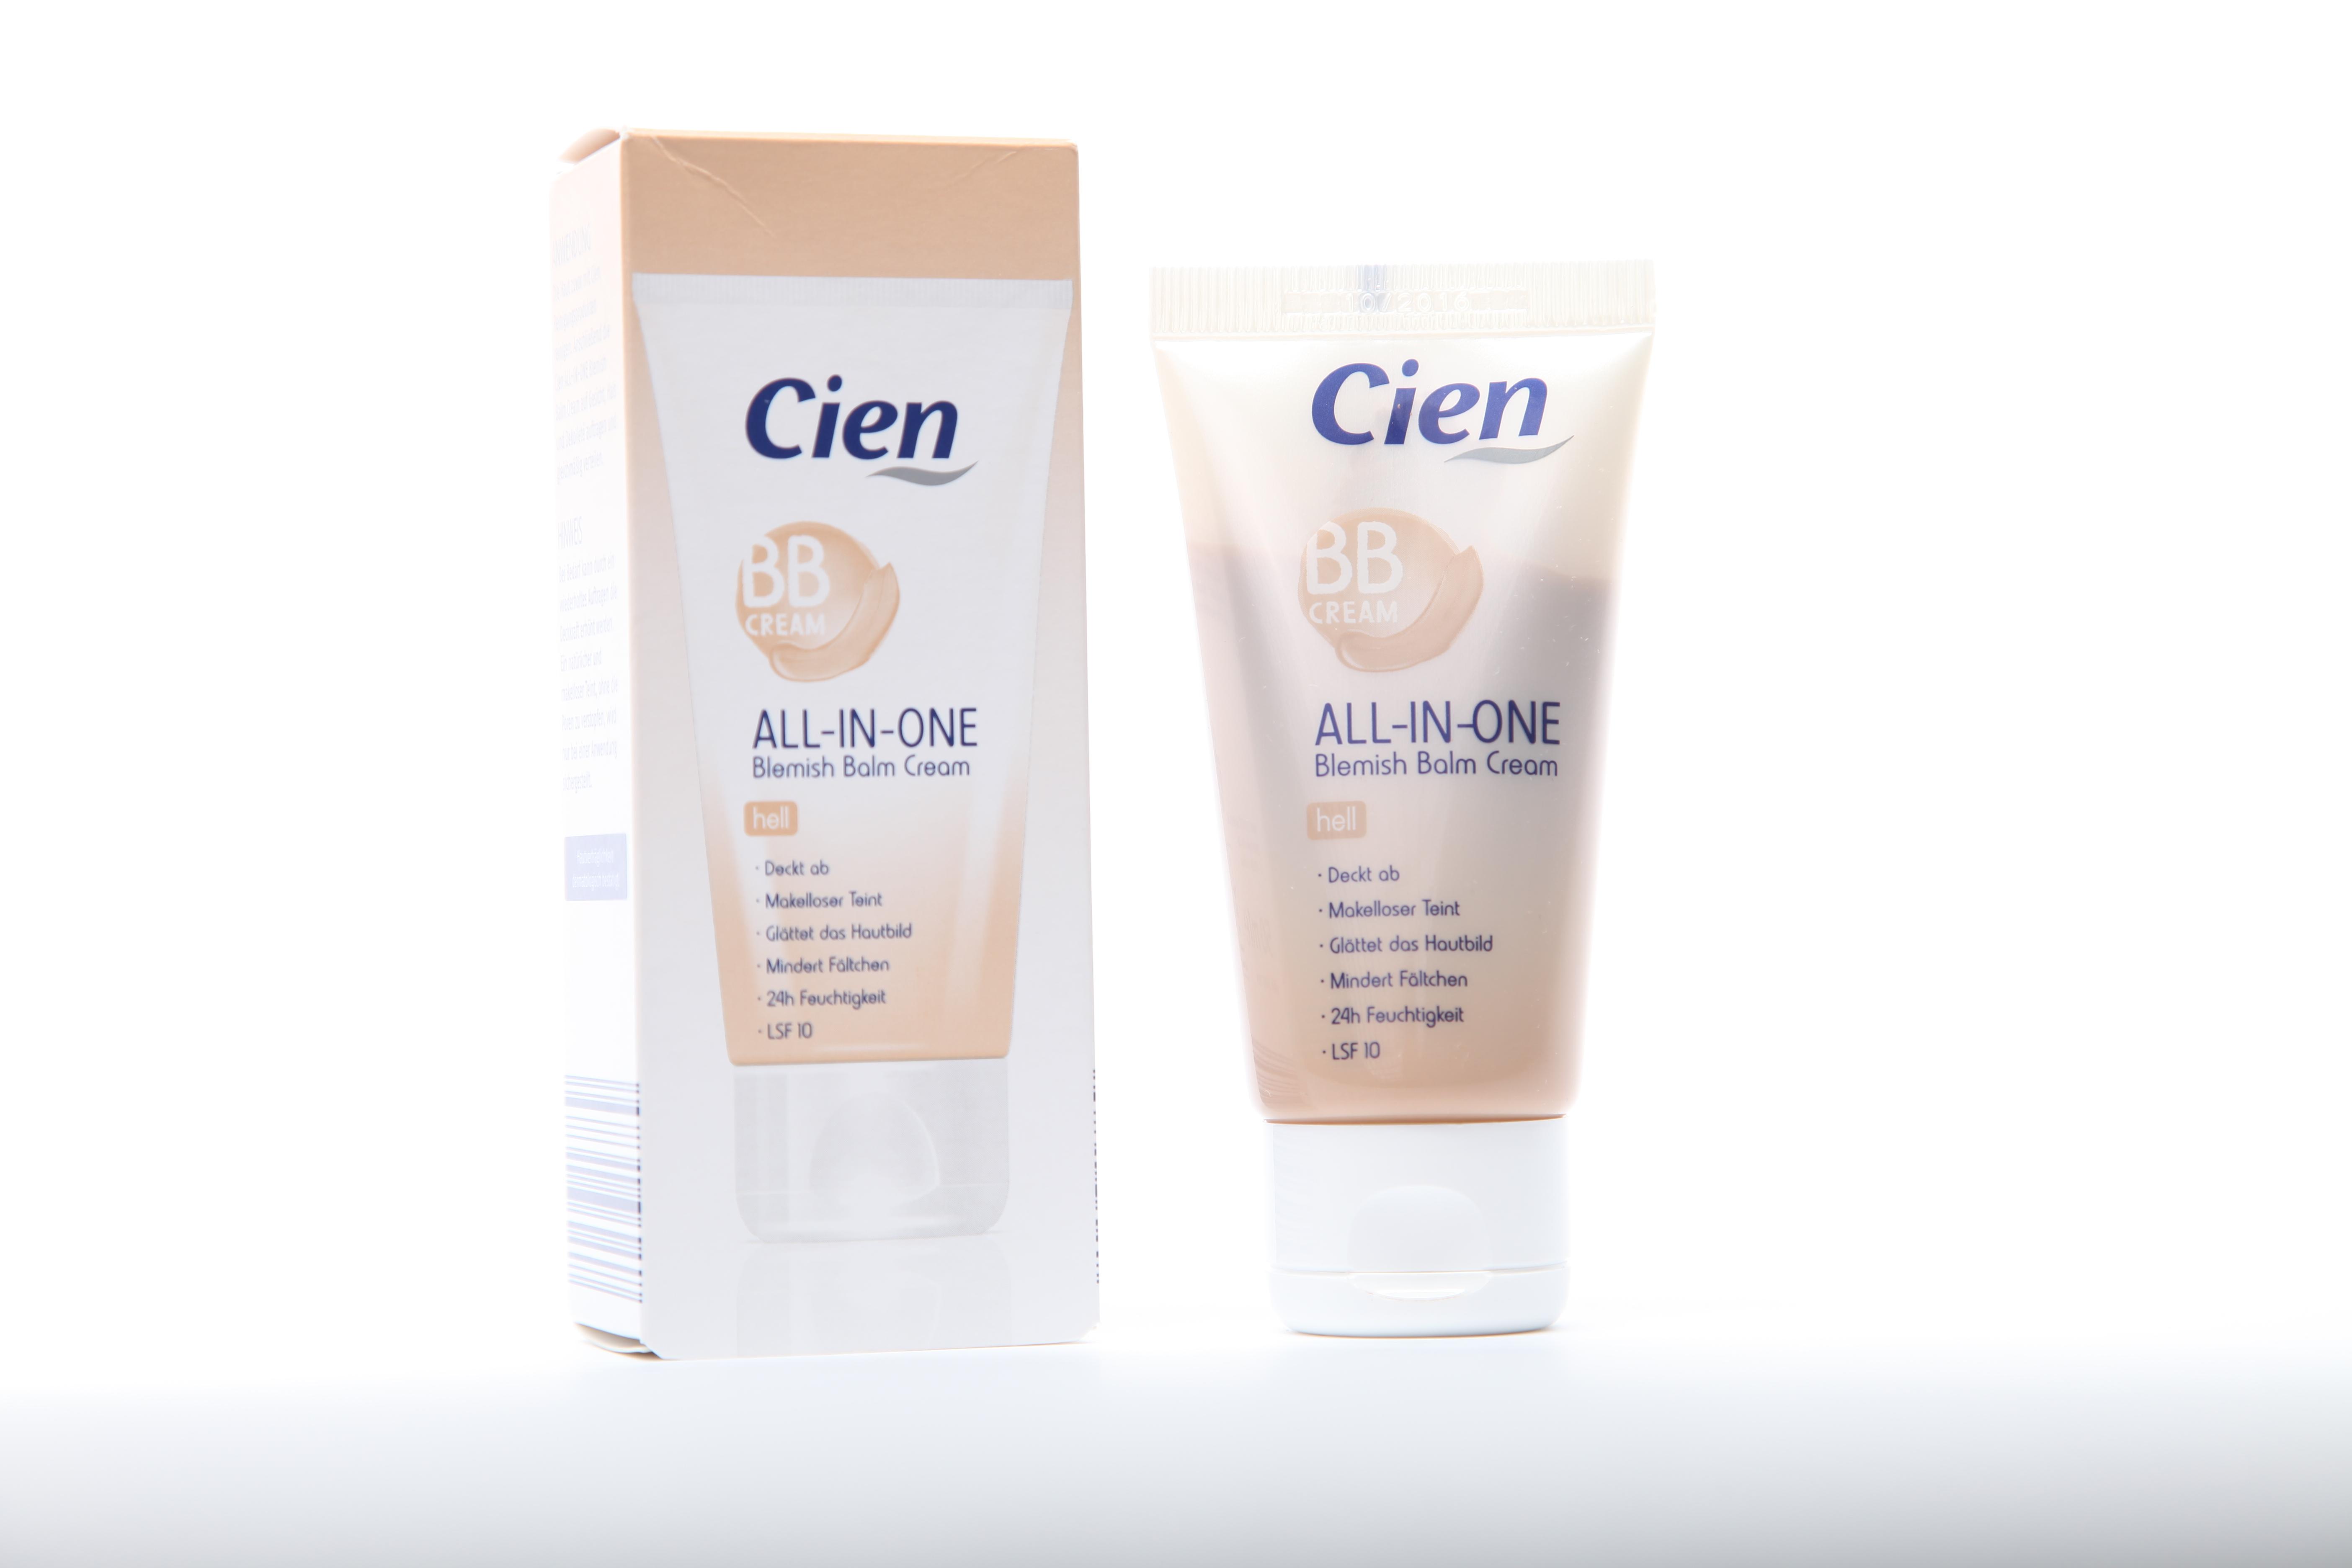 BB Cream Cien